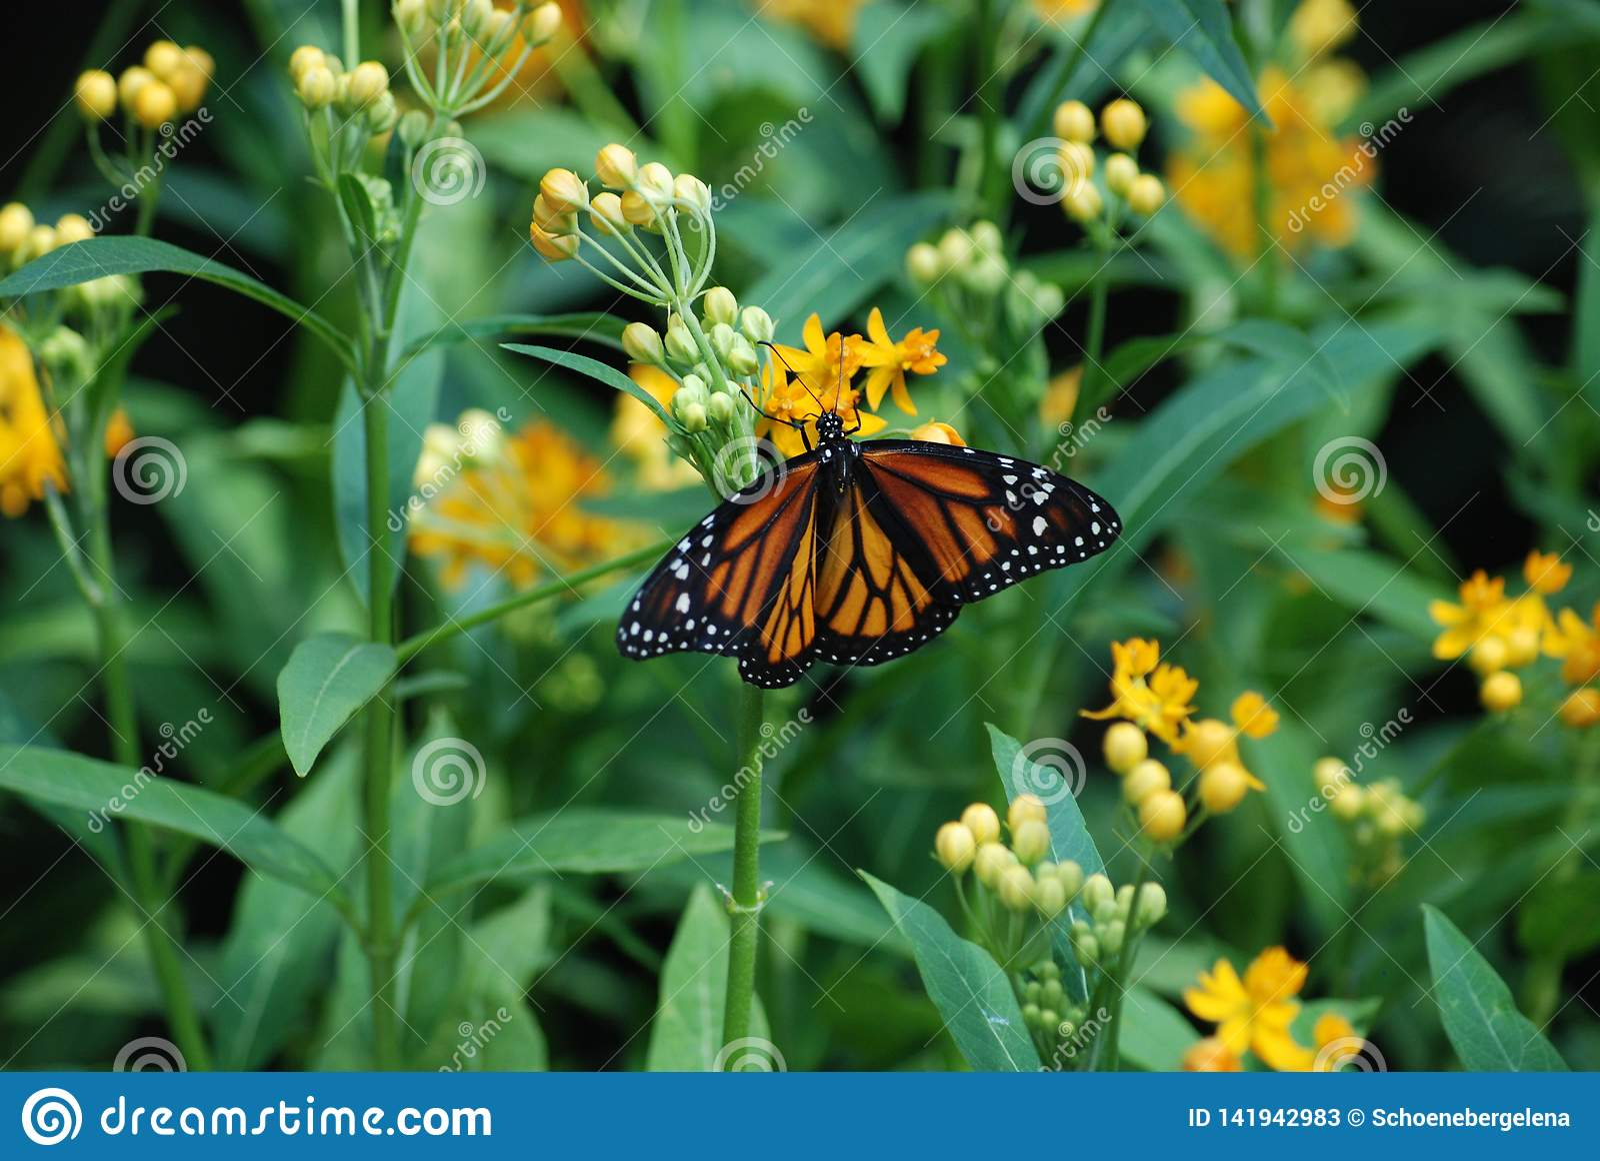 Opiekunu anioł - Monarchicznego motyla karmienie na Żółtym kwiacie